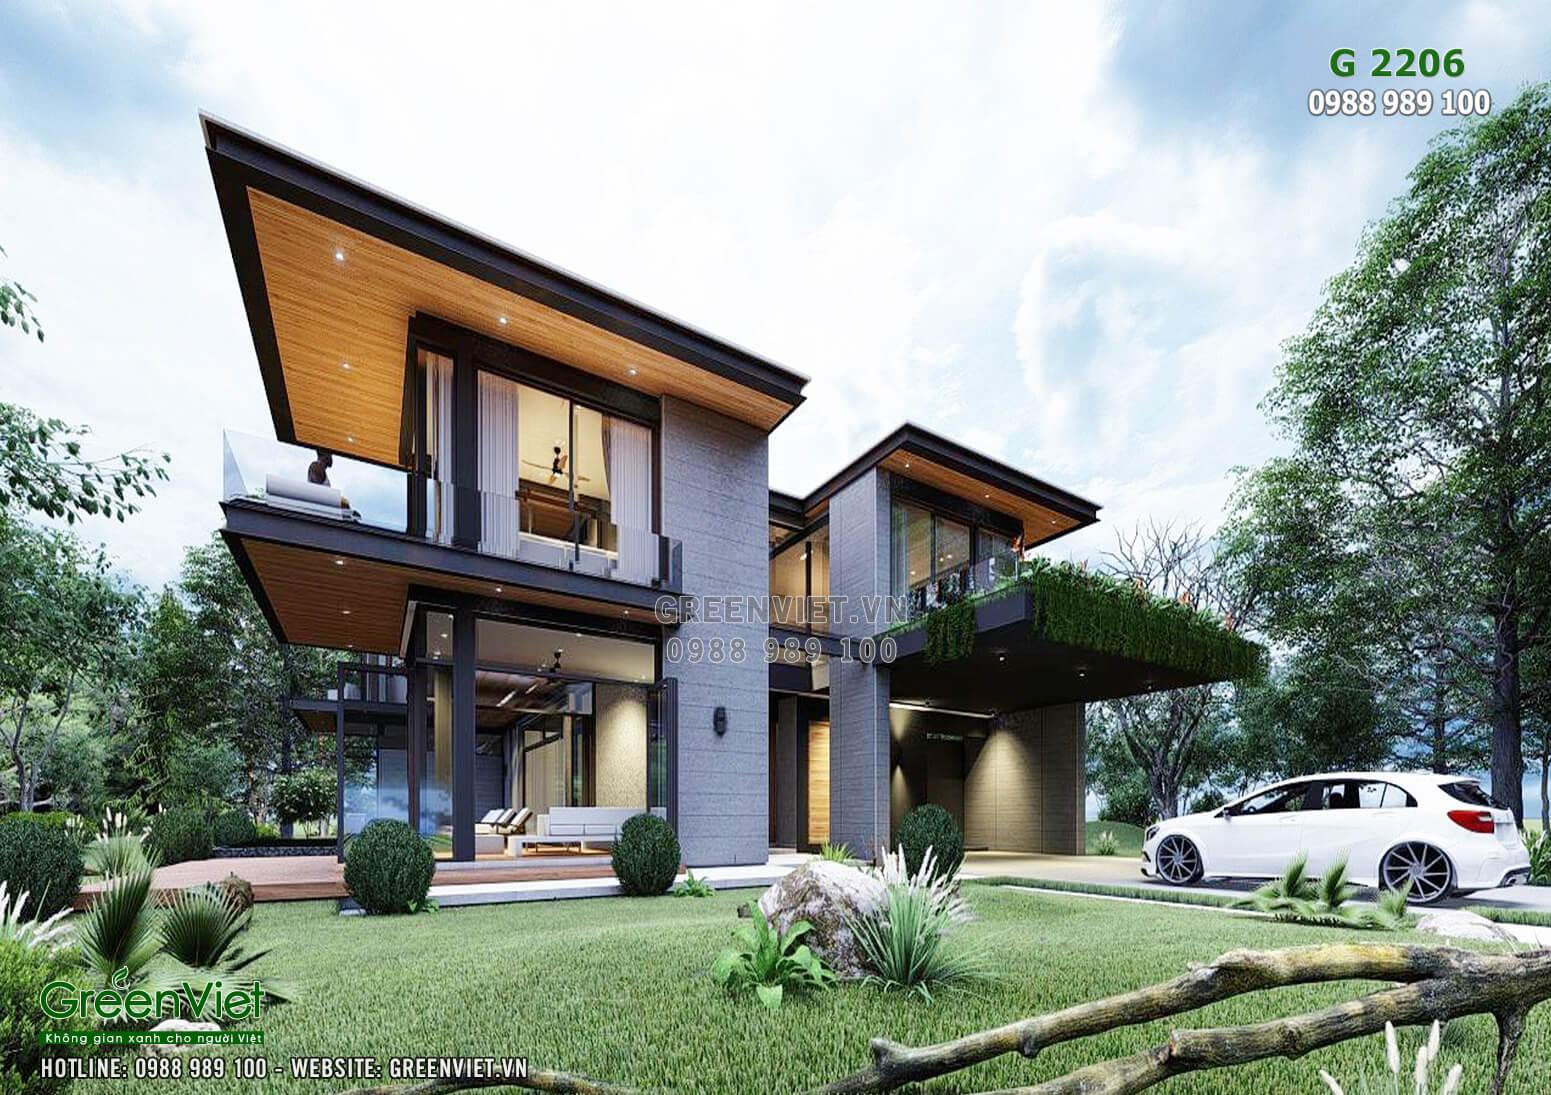 Hình ảnh: Villa hiện đại và sang trọng phù hợp với mọi gia đình - G2206